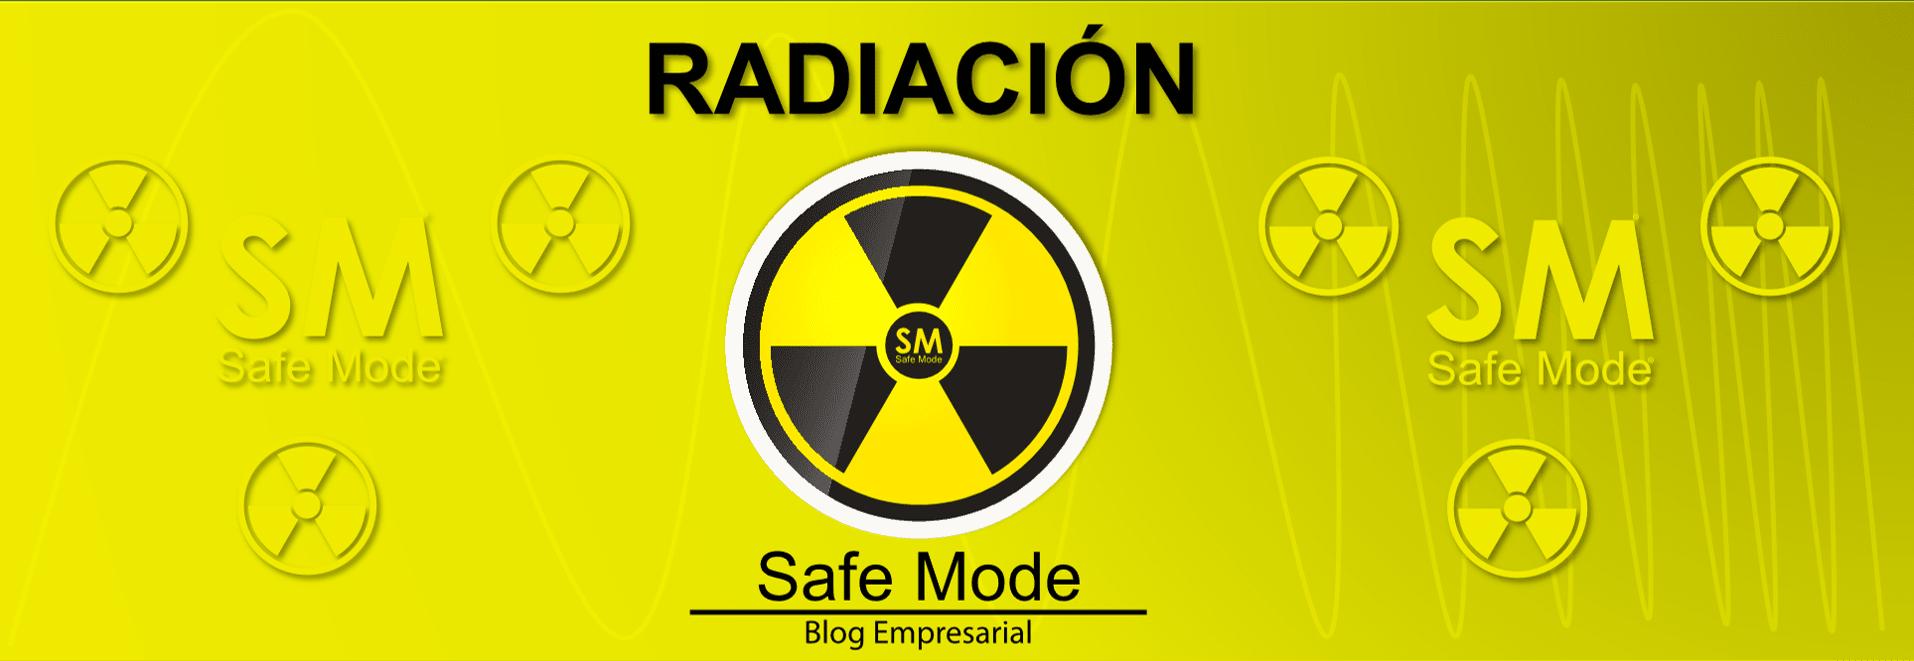 Radiación como riesgo físico